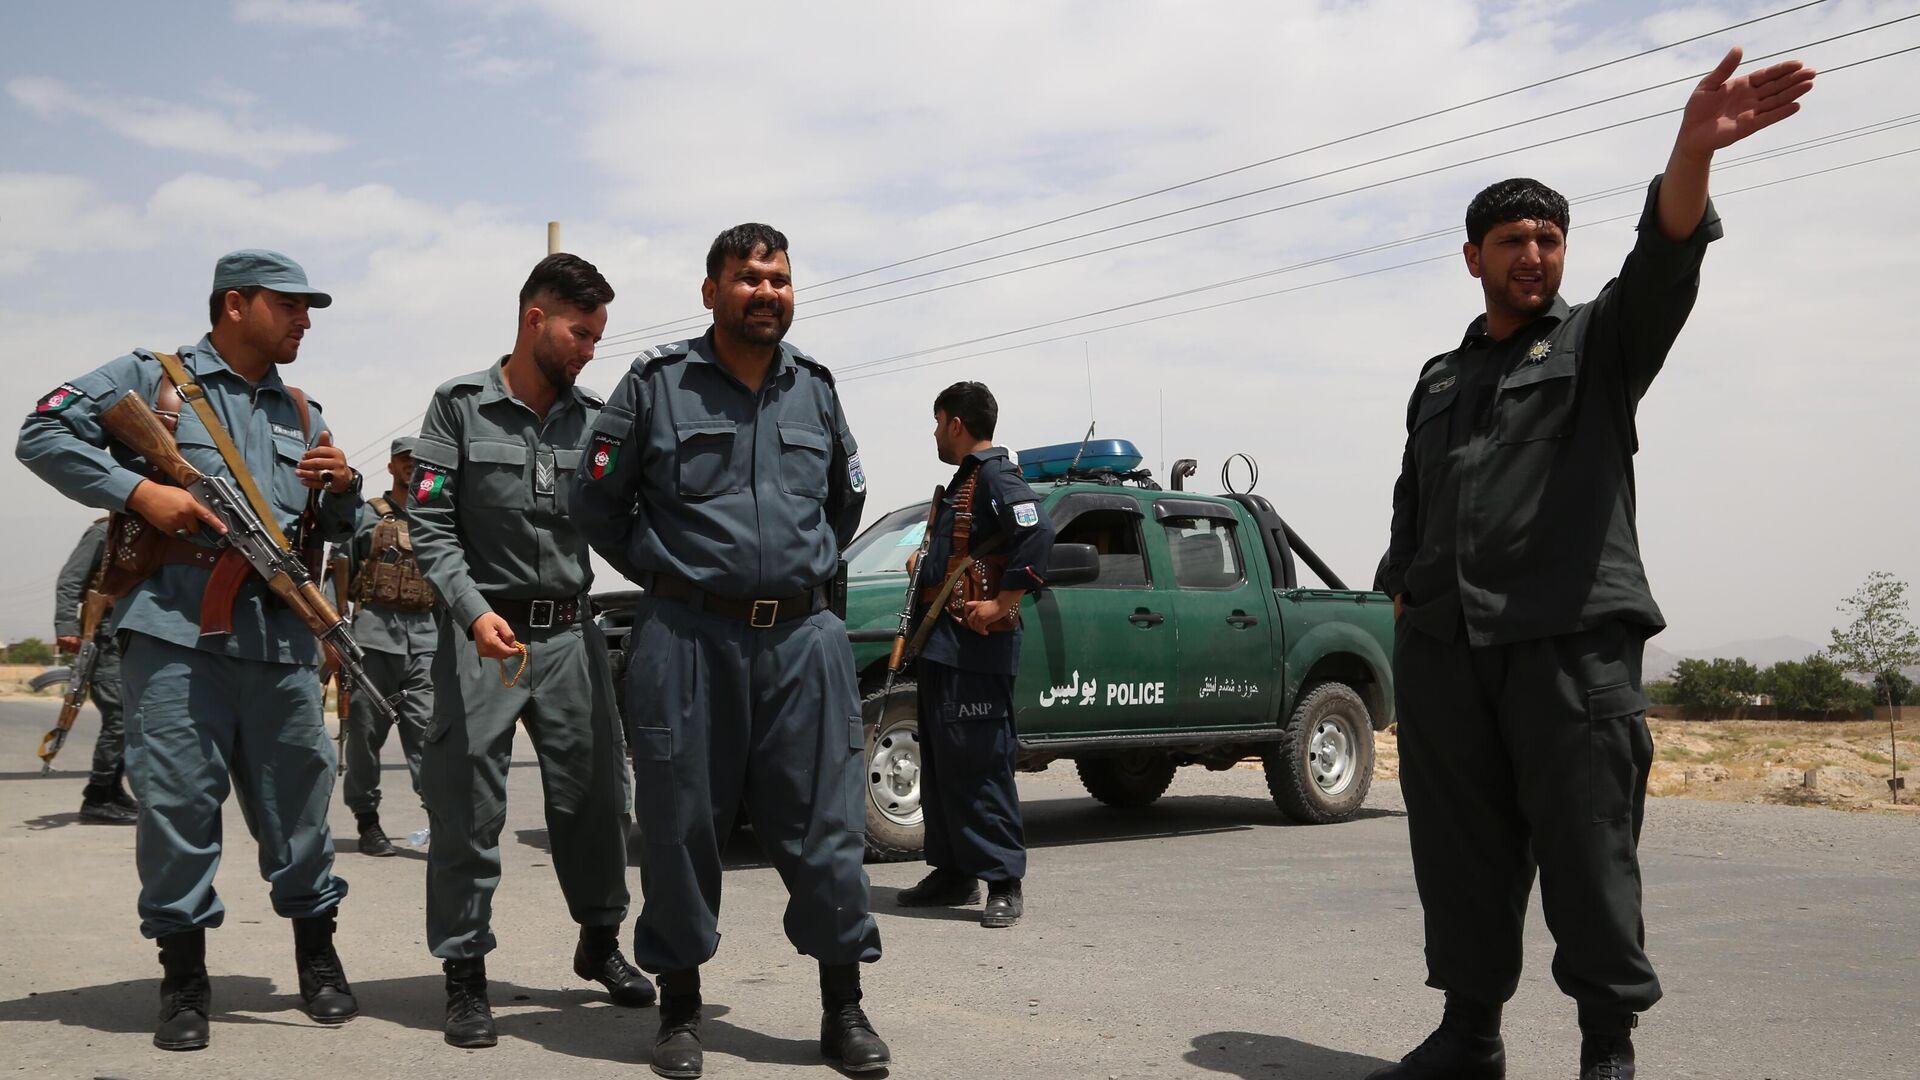 Сотрудники национальной полиции Афганистана на контрольно-пропускном пункте в Кабуле - РИА Новости, 1920, 04.08.2021